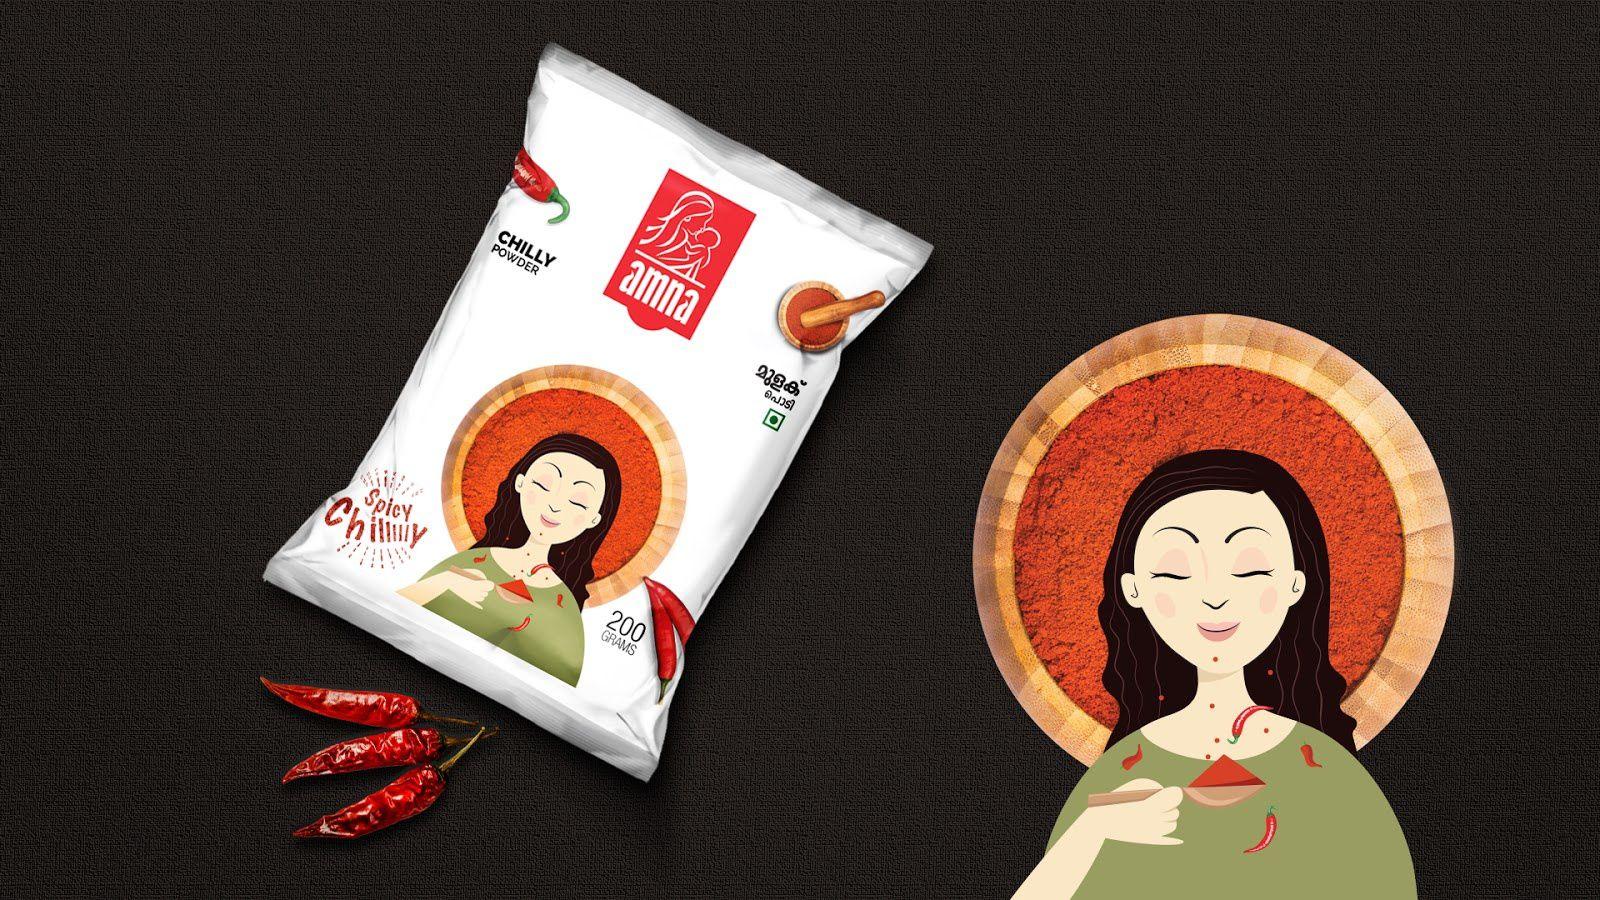 Amna Spice Mix - Amna Food Industries Pvt. Ltd. (épices) I Design : Capio Interactive, Kerala, Inde (décembre 2016)